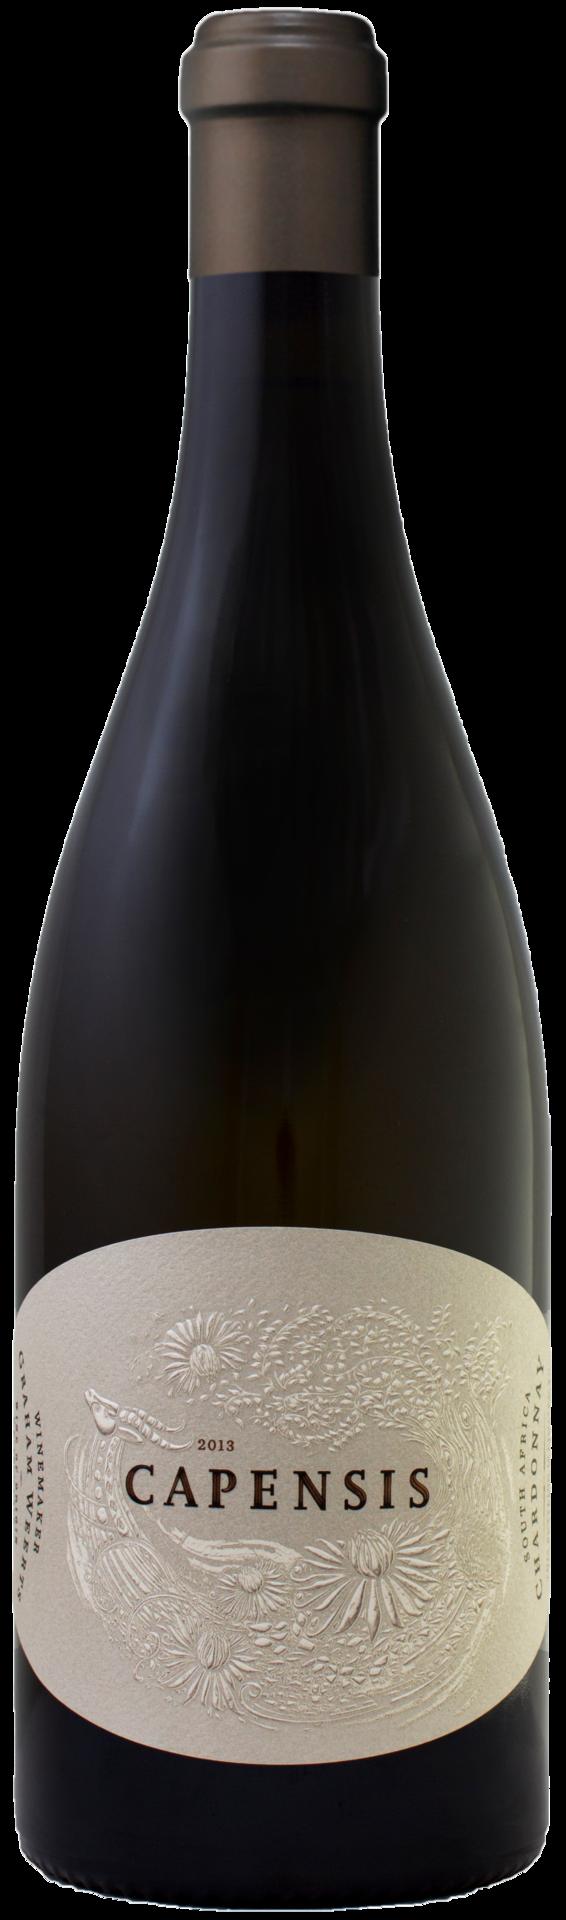 2013 75CL Capensis Chardonnay